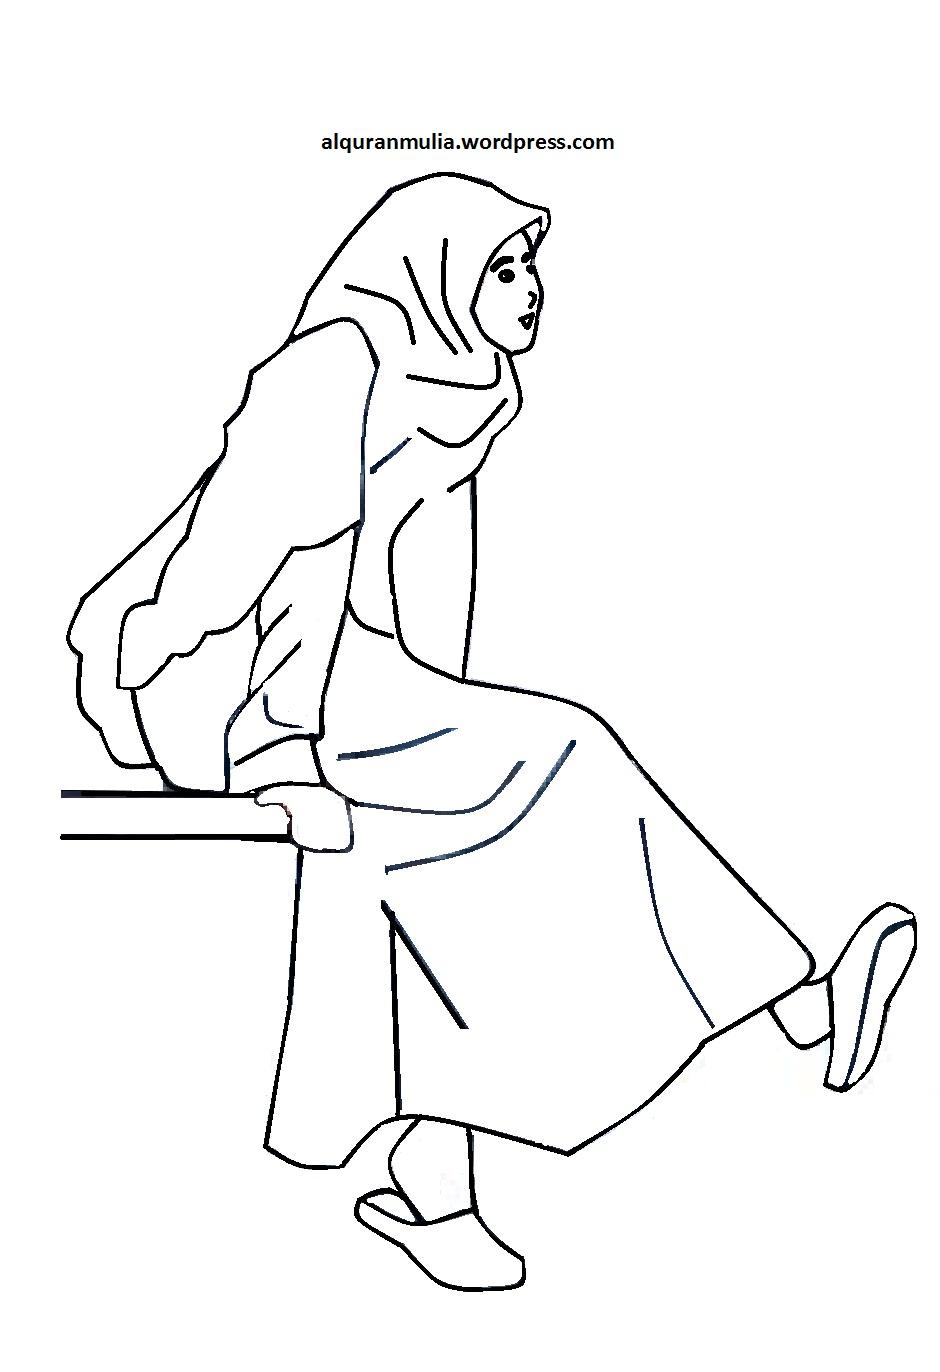 Mewarnai Gambar Kartun Anak Muslimah 30 Alquranmulia